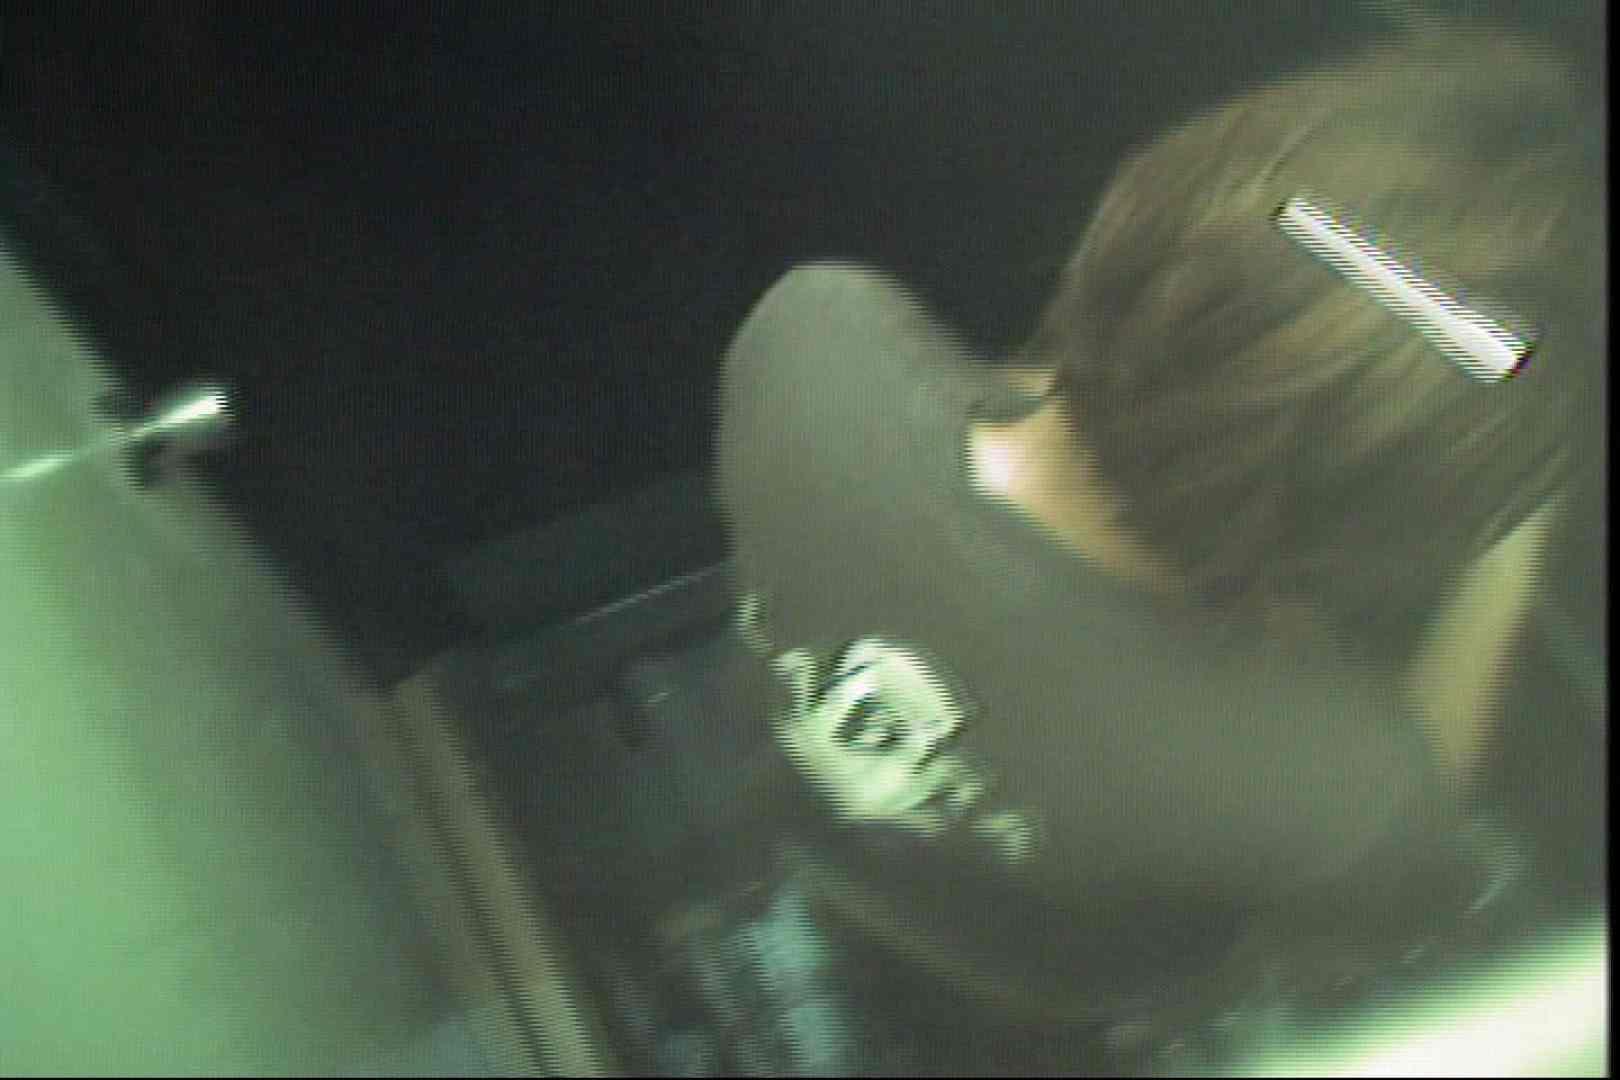 海の家の更衣室 Vol.49 美女のボディ AV無料動画キャプチャ 76PIX 8